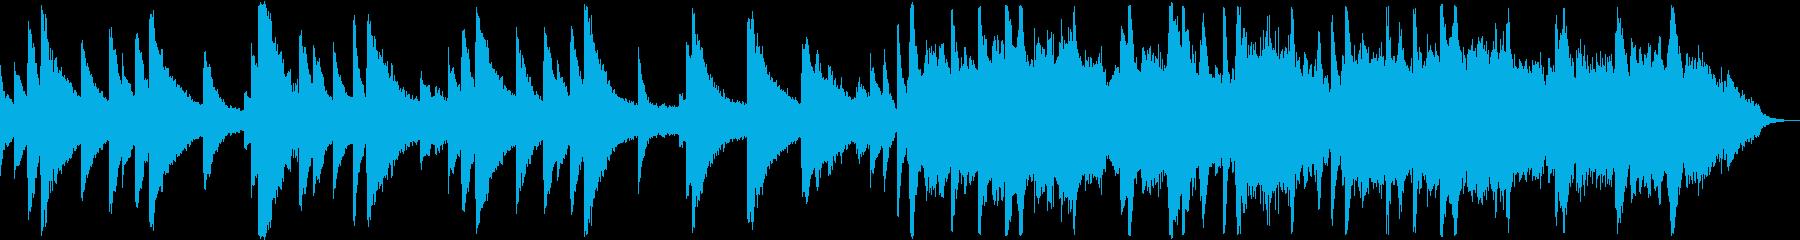 短めなノスタルジックなピアノと弦の曲の再生済みの波形